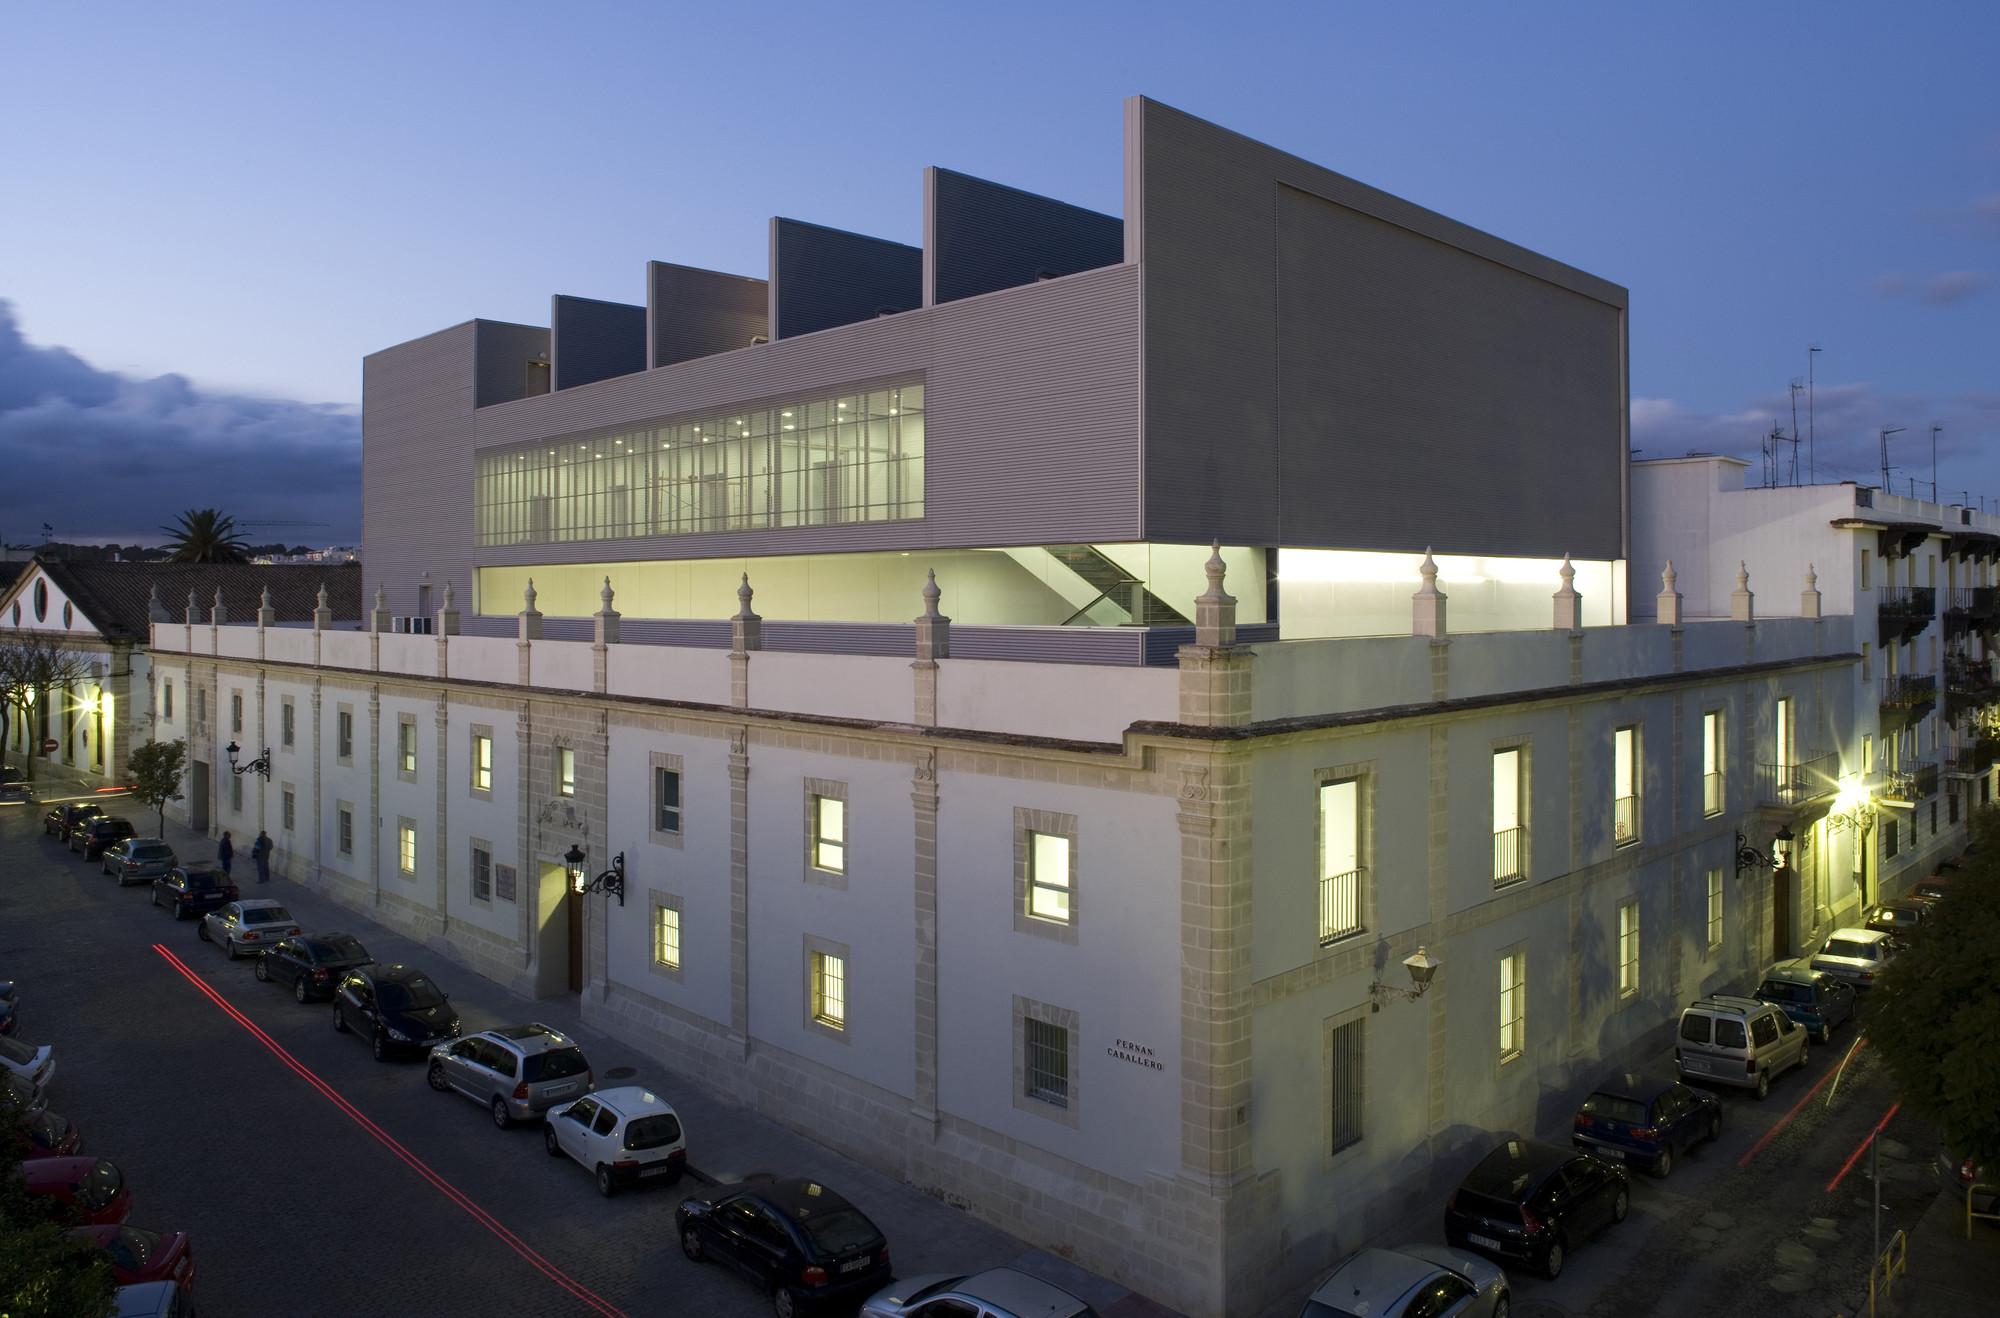 New Theatre in Santa Maria Port / Daroca Arquitectos, © Fernando Alda